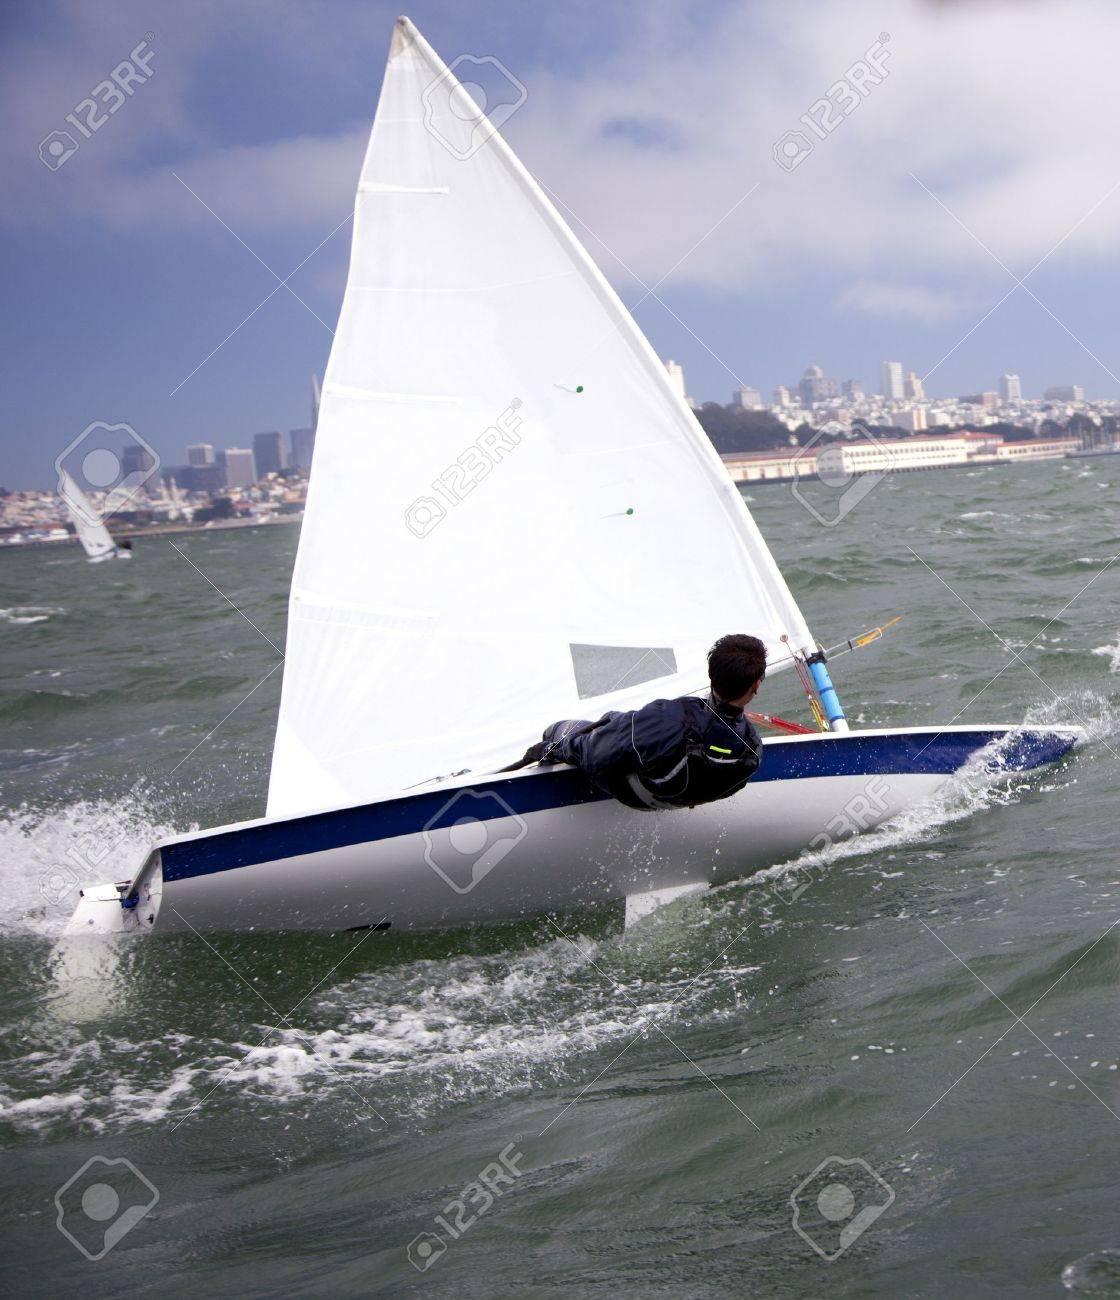 small sailboat on san francisco bay - 10453645